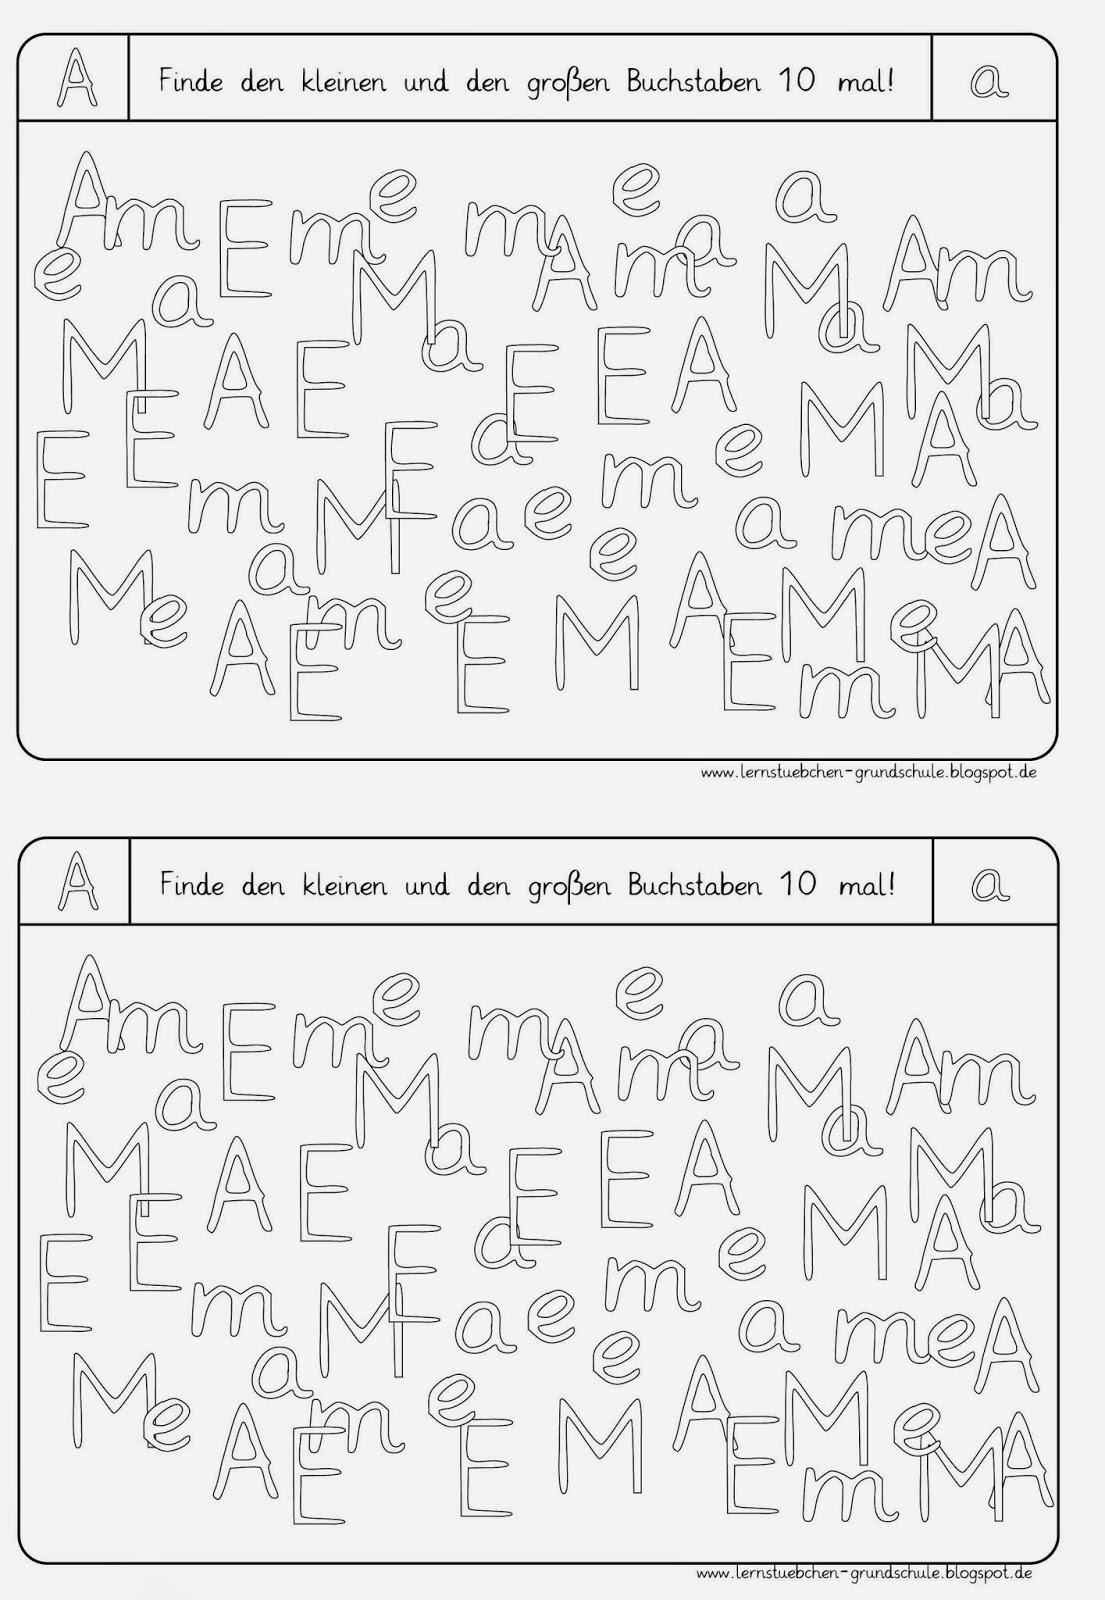 Lernstübchen: Arbeitsblätter zum Erkennen der Buchstaben (2)